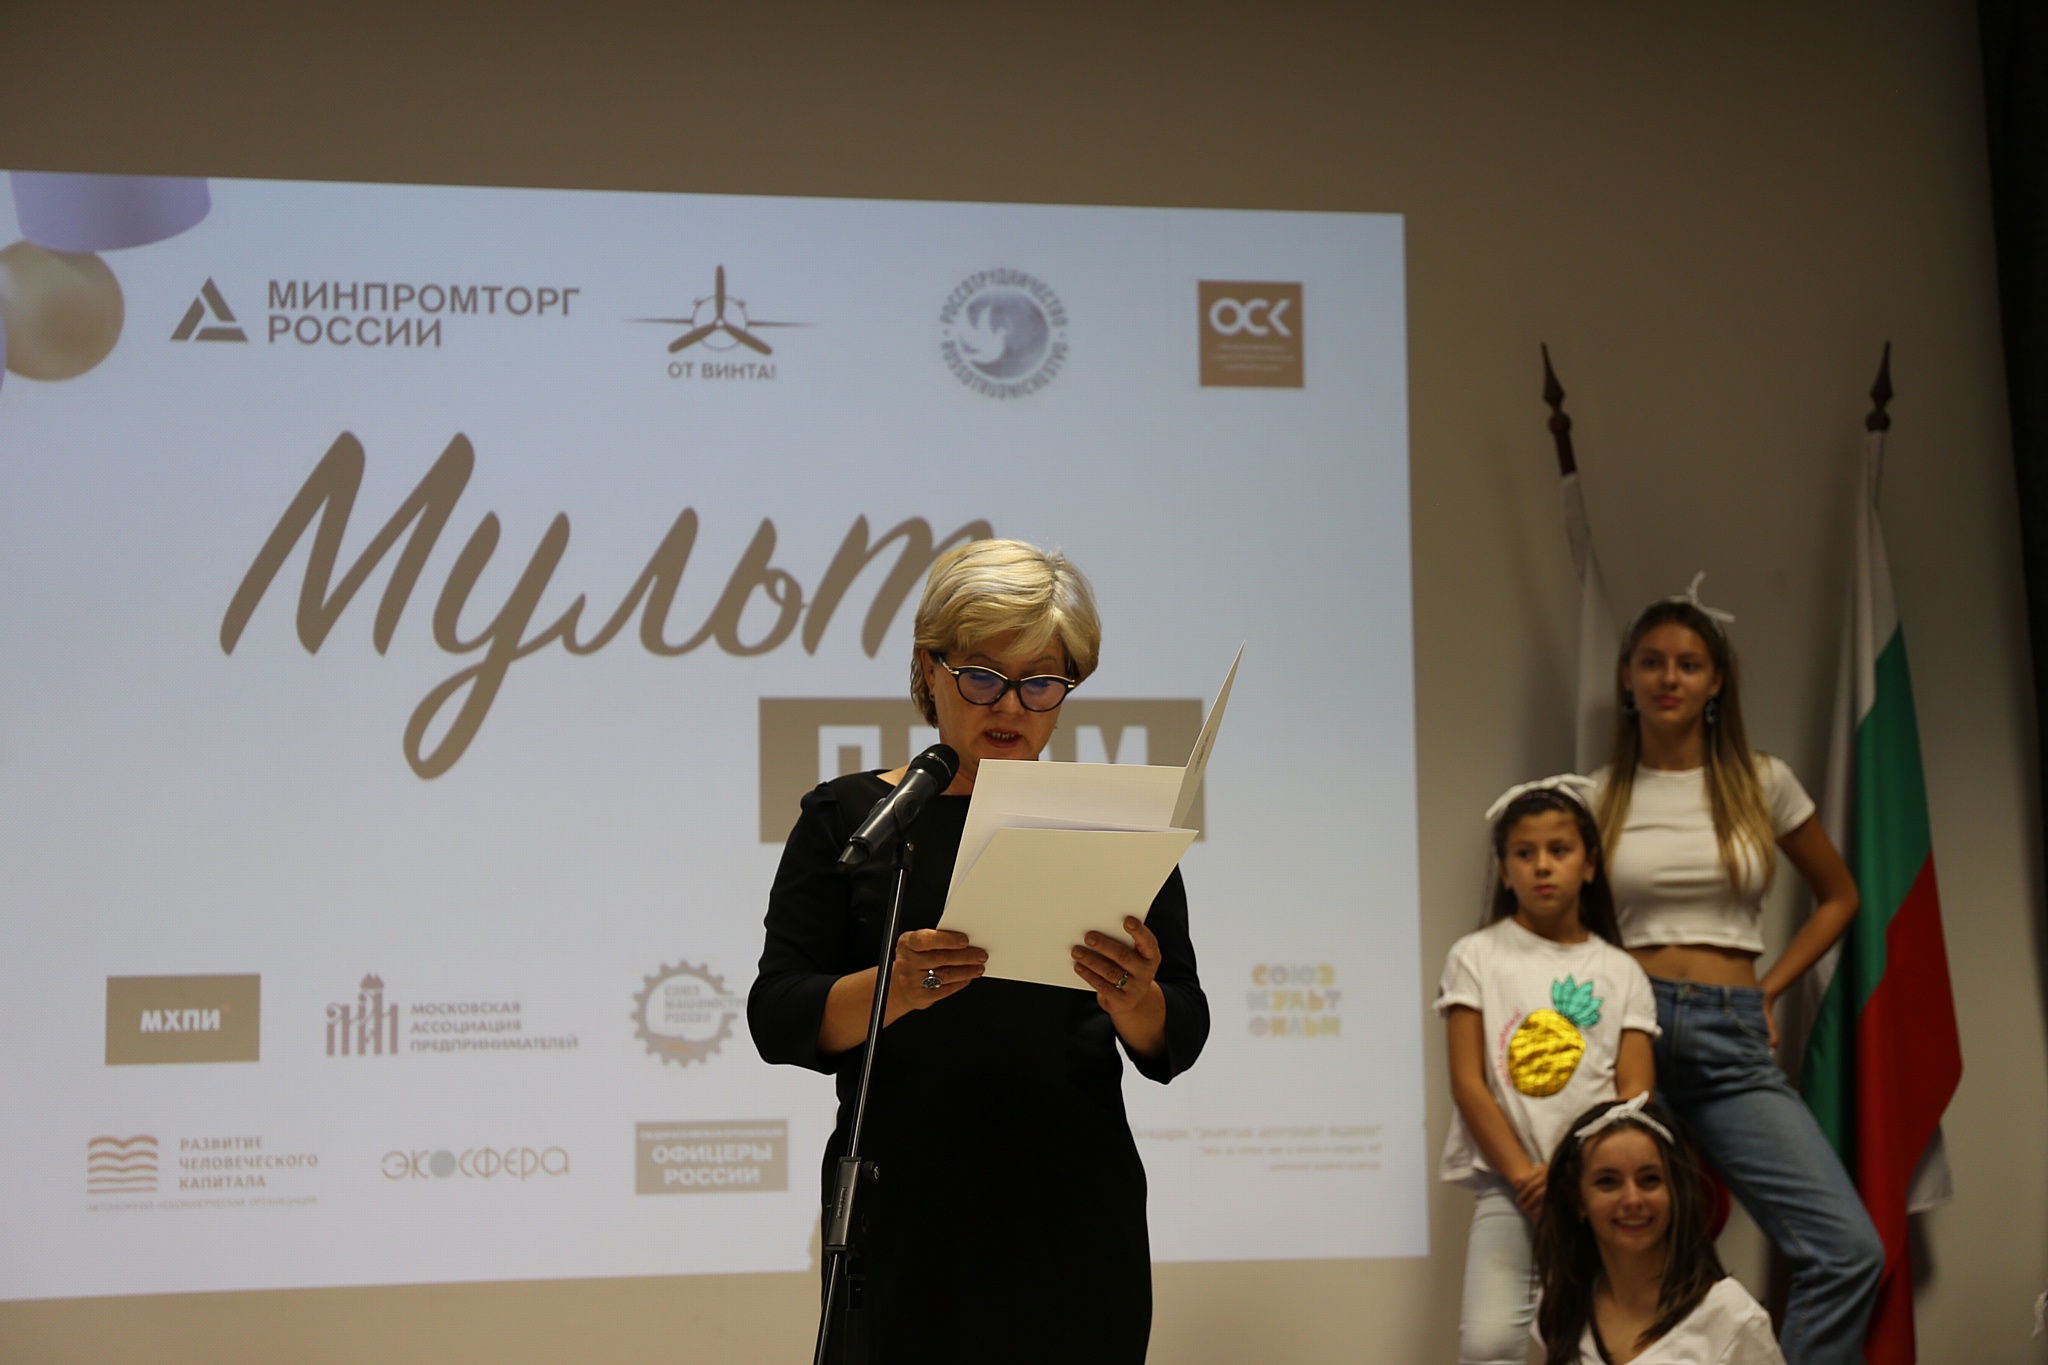 Директор Русского Дома Ольга Широкова зачитала обращение Посла РФ в Болгарии к участникам конкурса